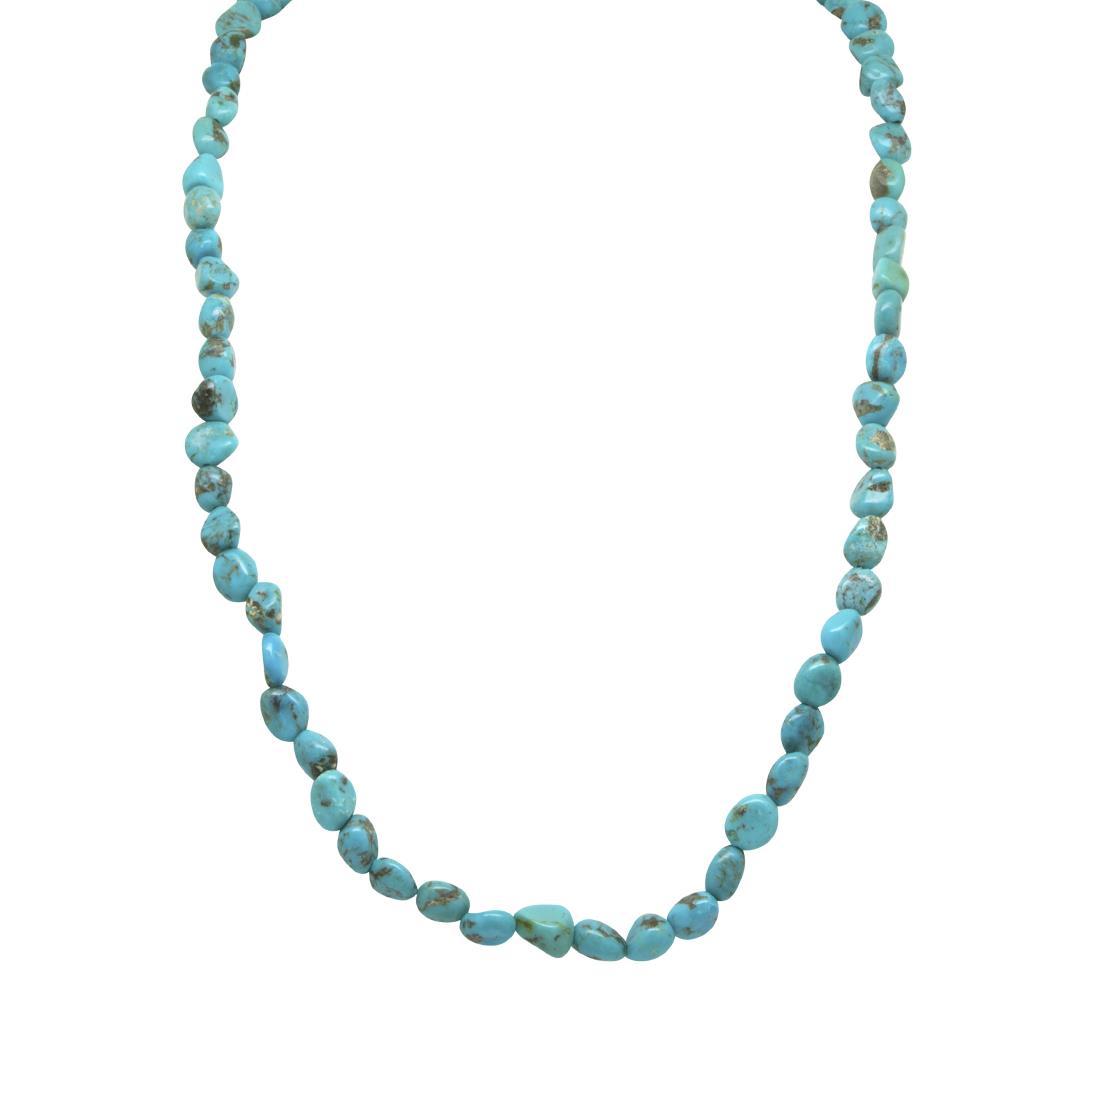 Collana in perle e pietre semipreziose - RIVIK